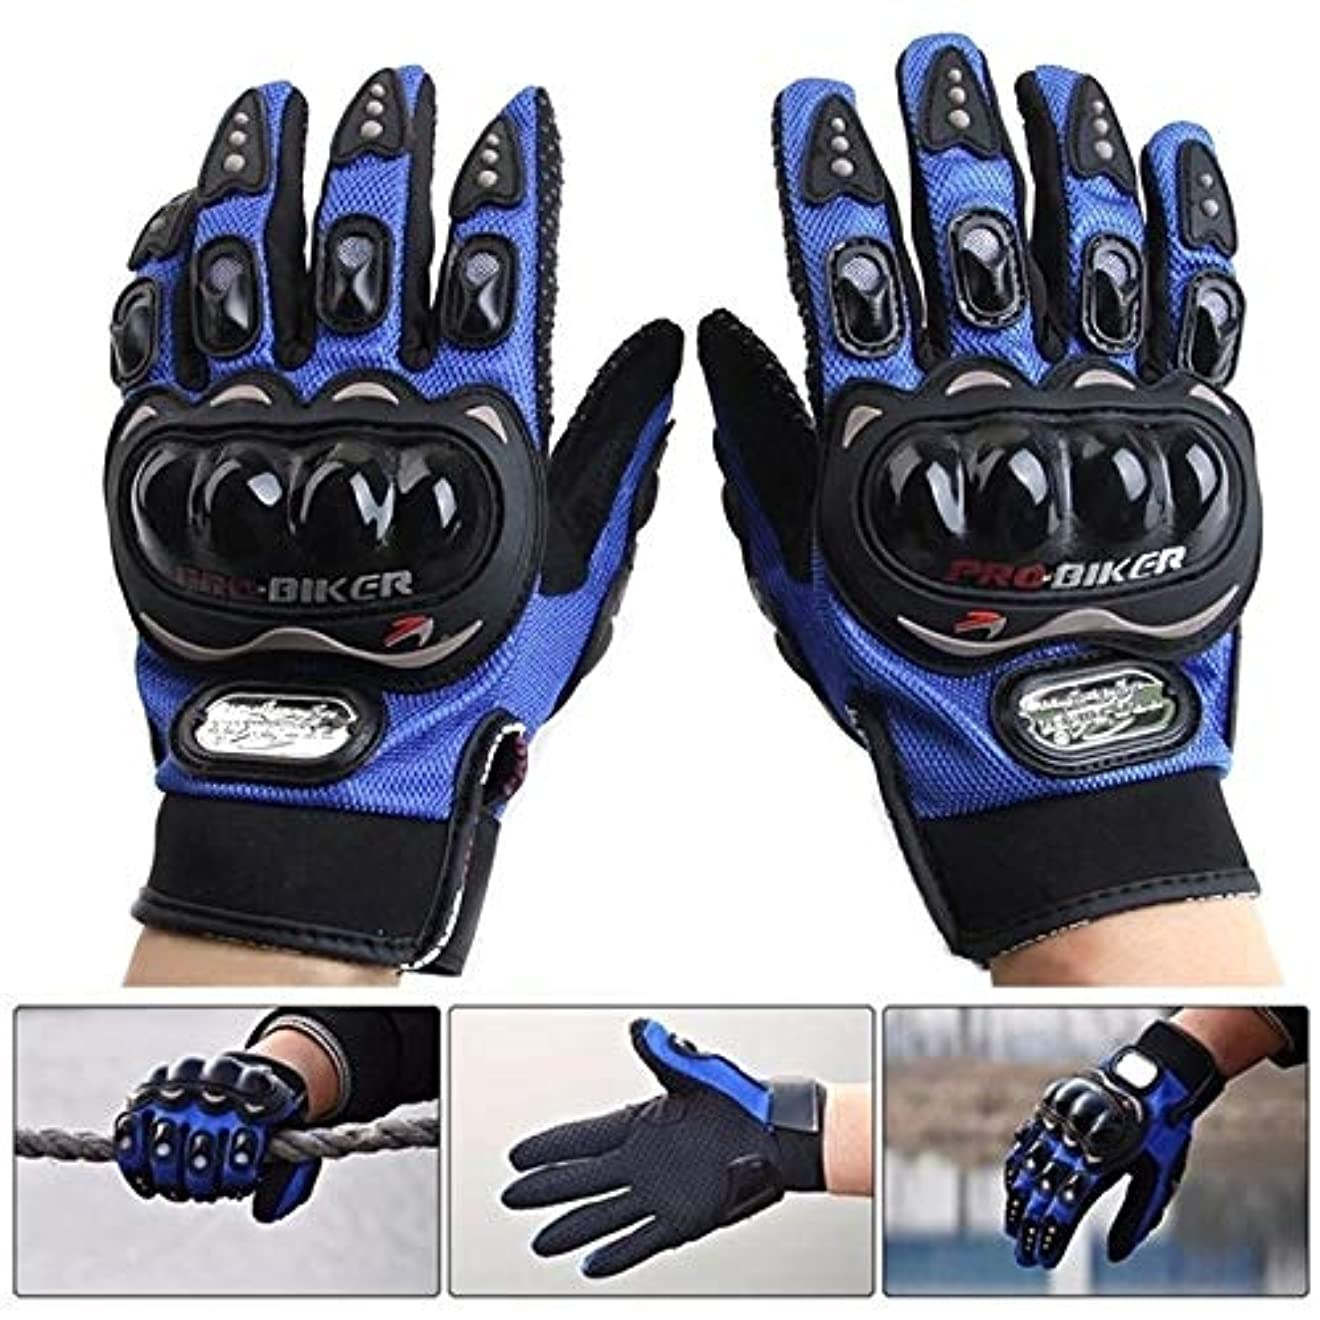 フォージ軍団シーケンスJieming PRO-BIKER MCS-01C通気性ウェアラブルフルフィンガープロテクティブオートバイグローブアウトドアスポーツ保温用手袋、サイズ:2XL(28cm)